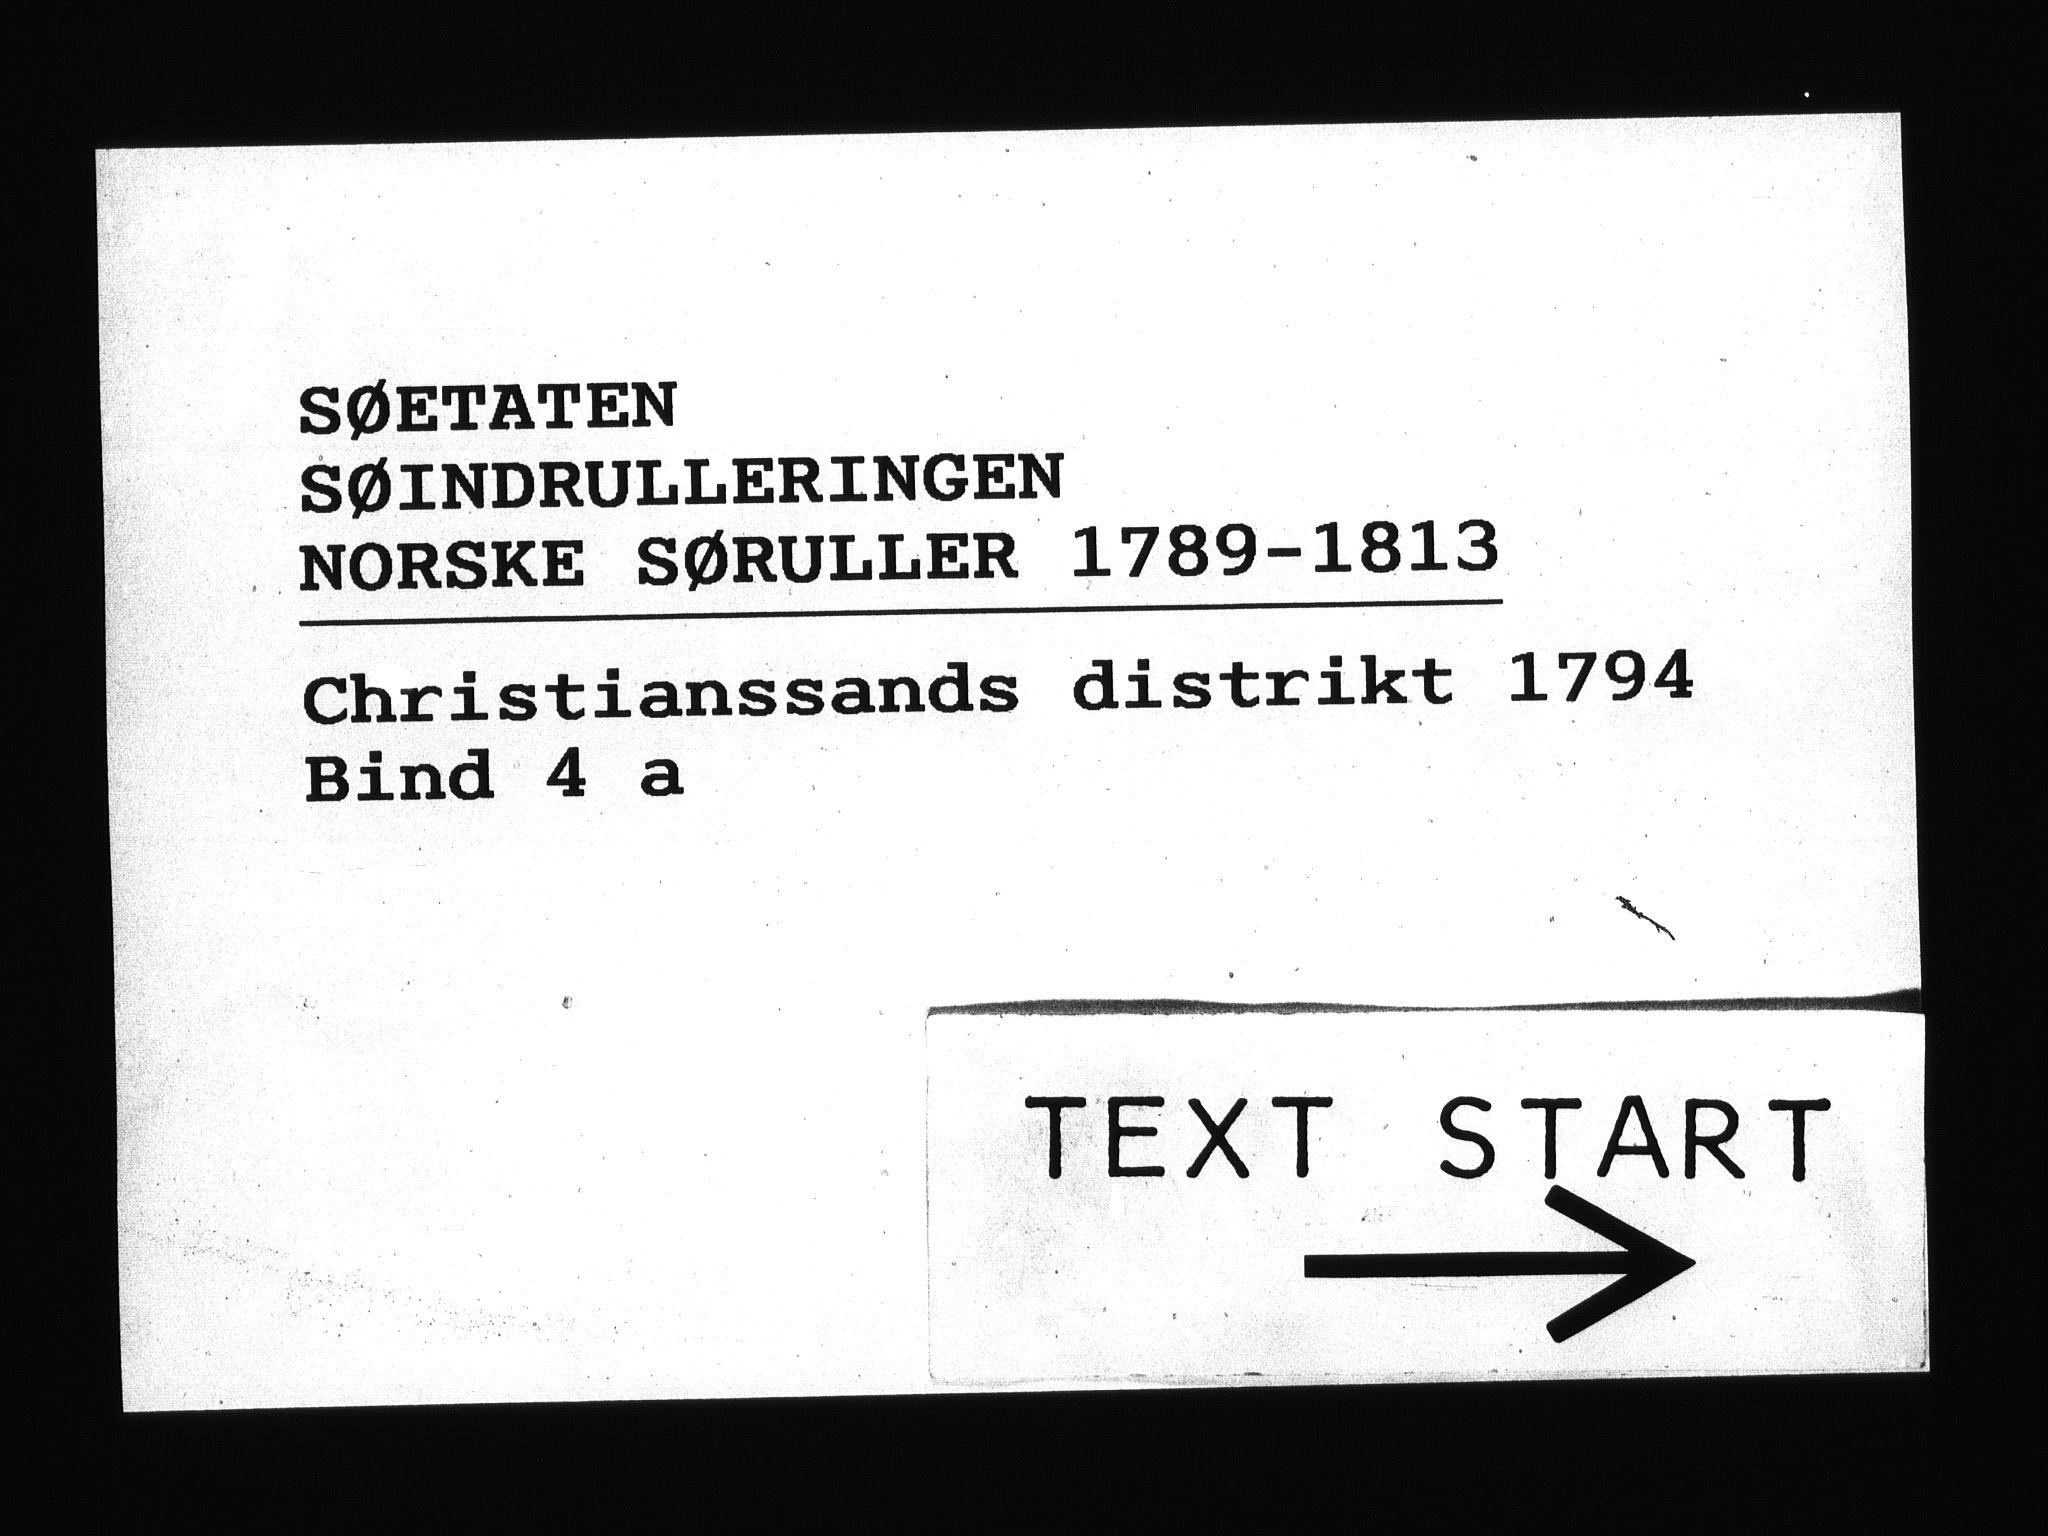 RA, Sjøetaten, F/L0020: Kristiansand distrikt, bind 4a, 1794